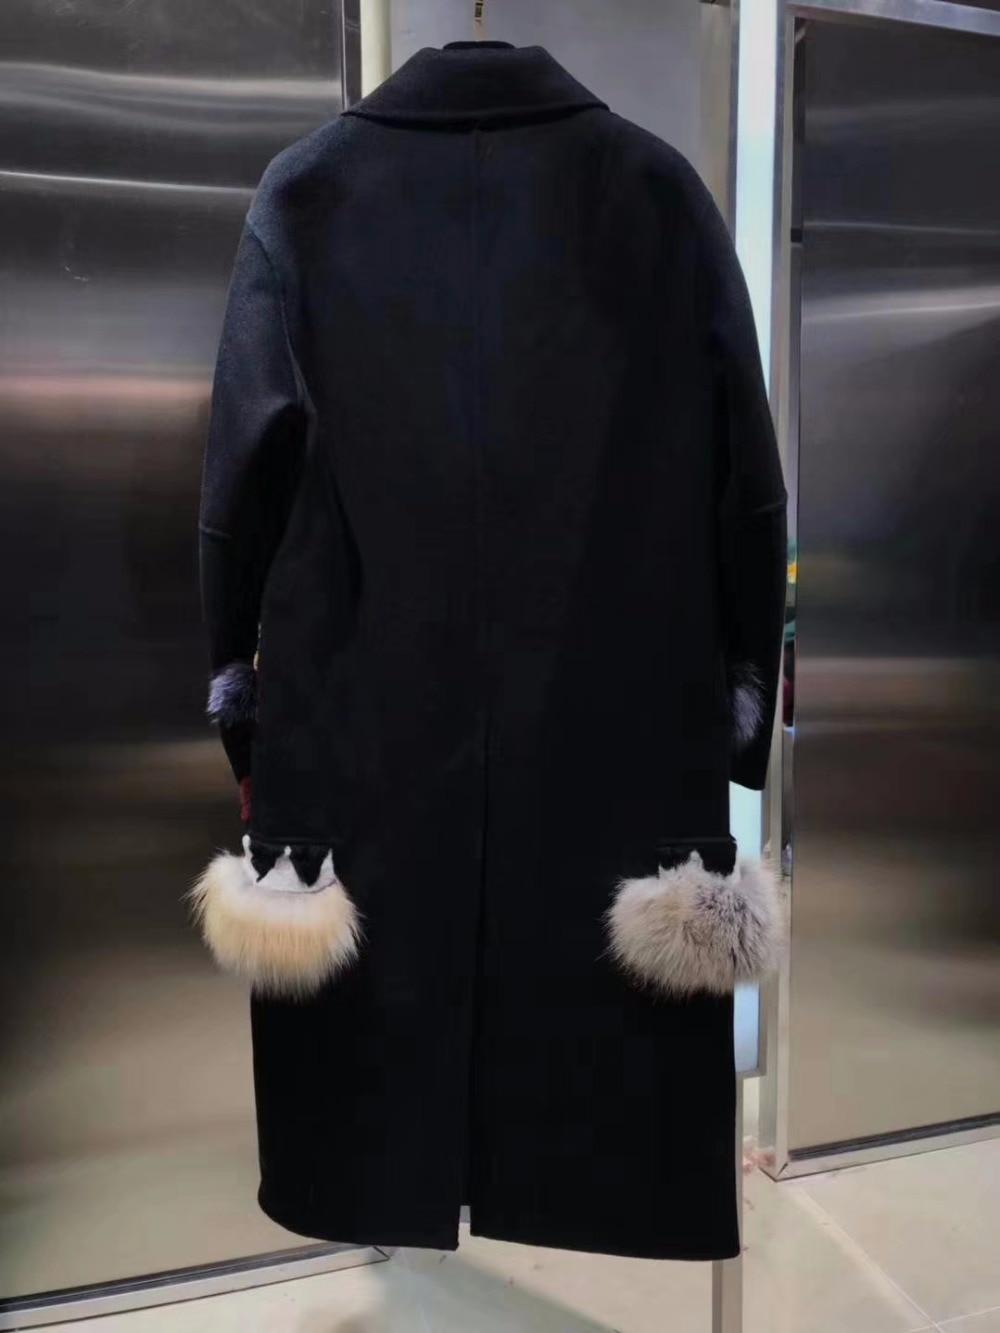 Épissage Garder Au De Femme Chaud Vadim Mode Manteau Laine Femmes High Ourlet Street Casaco D'hiver Femelle q1AWwaBI